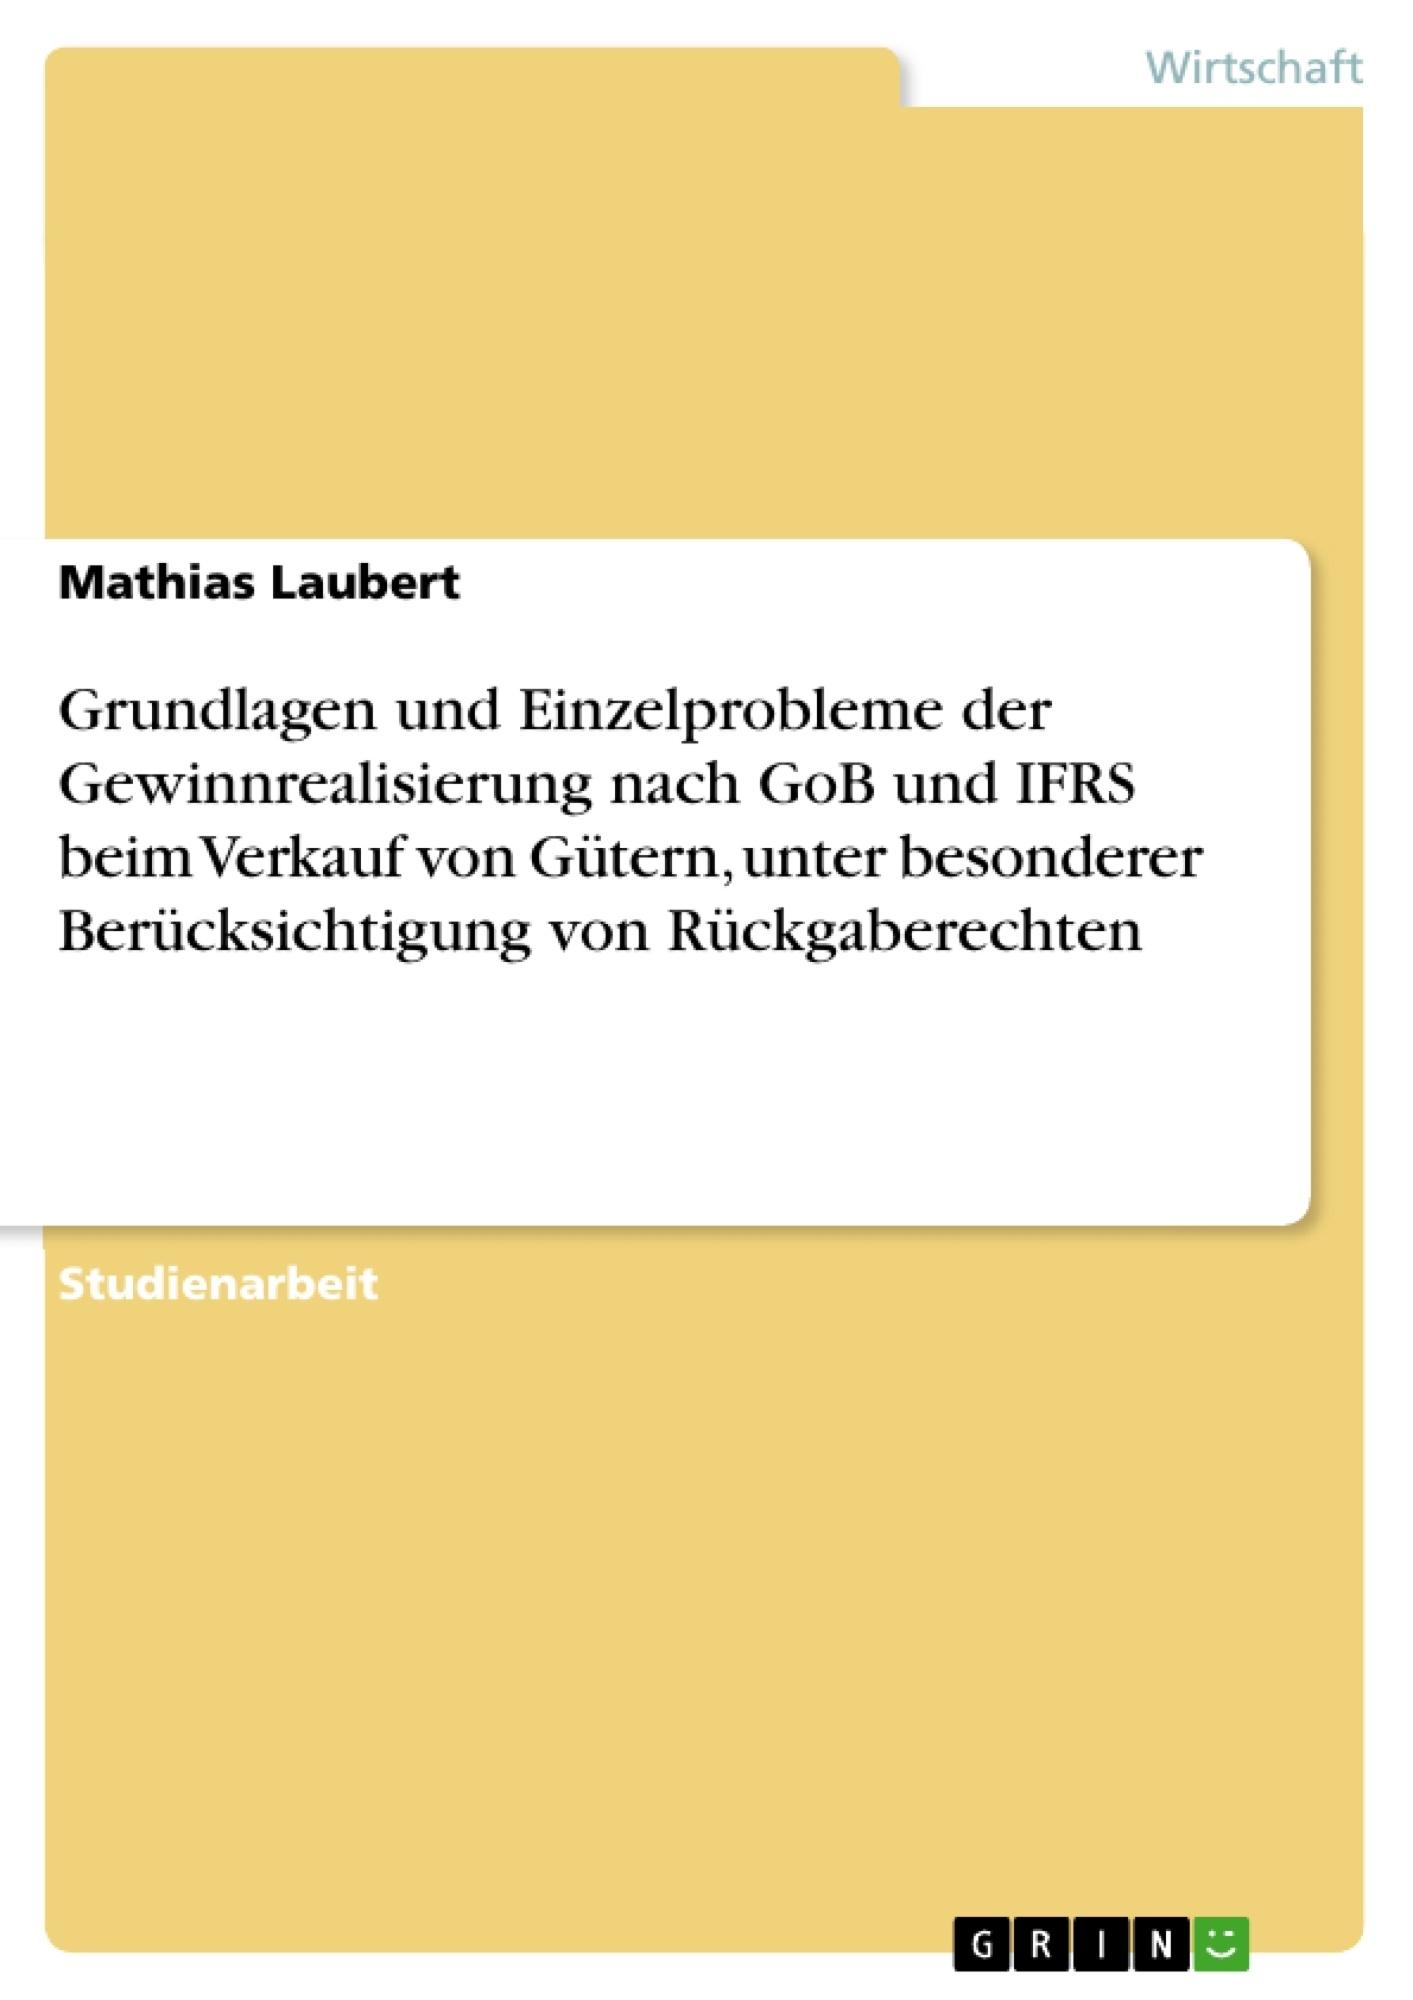 Titel: Grundlagen und Einzelprobleme der Gewinnrealisierung nach GoB und IFRS beim Verkauf von Gütern, unter besonderer Berücksichtigung von Rückgaberechten